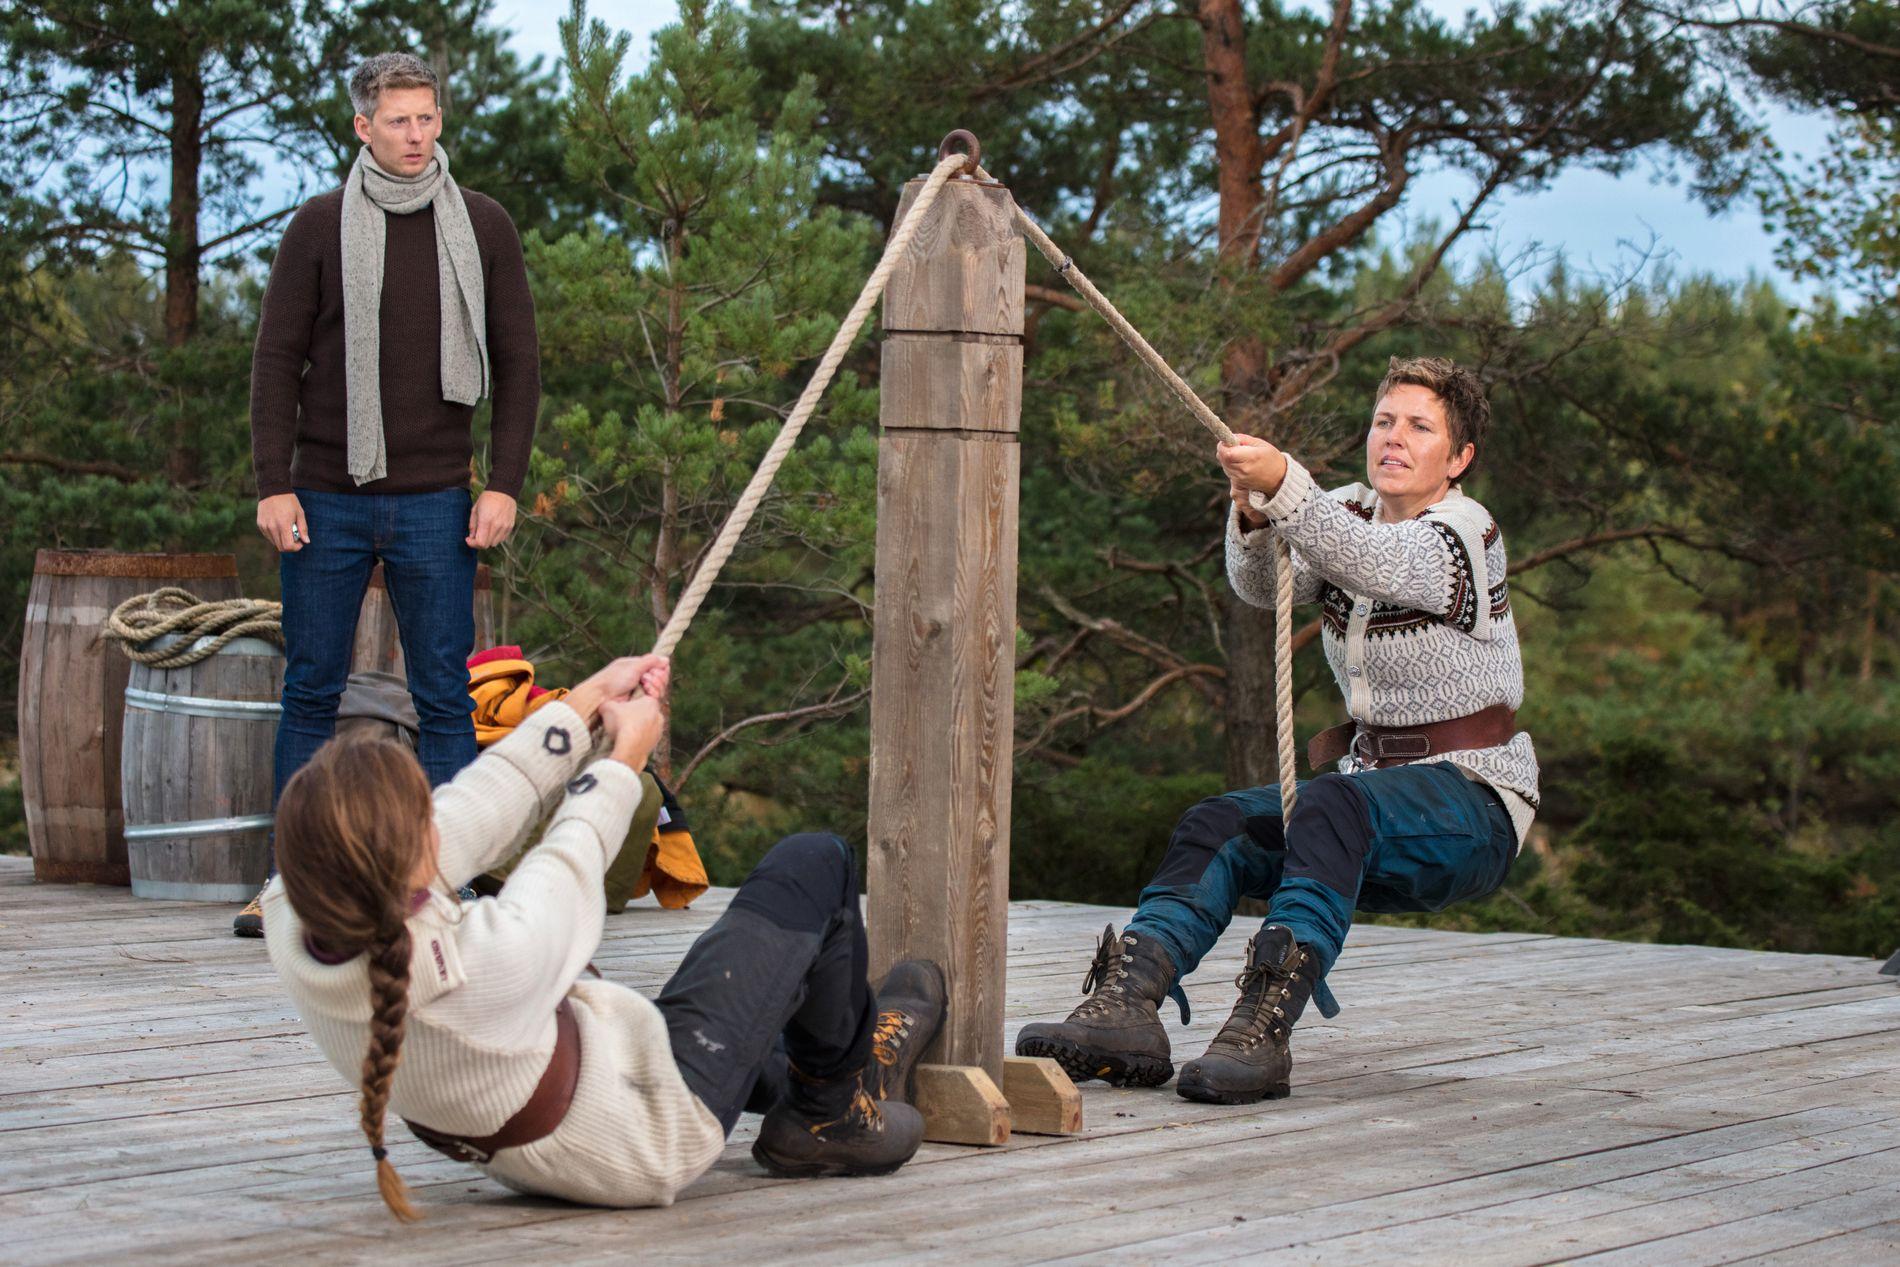 TAUTREKKING: Programleder Gaute Grøtta Grav følger nøye med på tvekampen mellom Karoline Røed og Eunike Hoksrød.